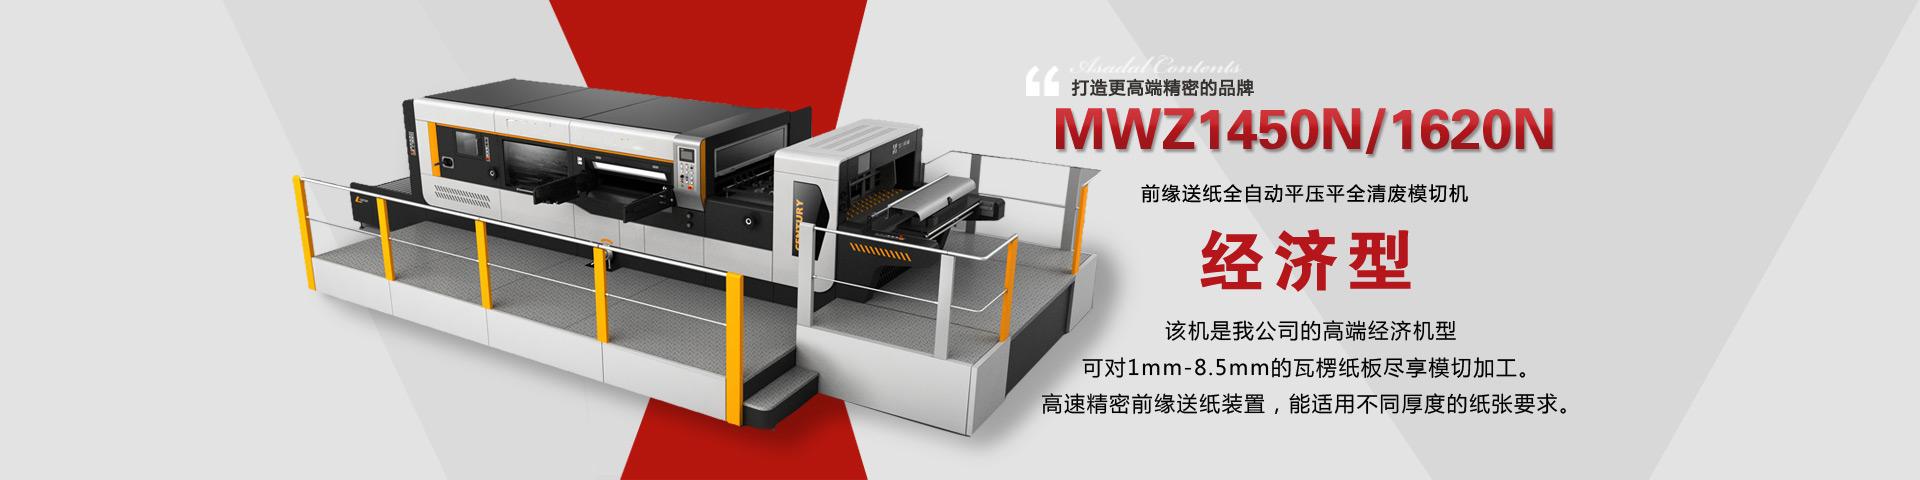 XXX机械设备有限公司